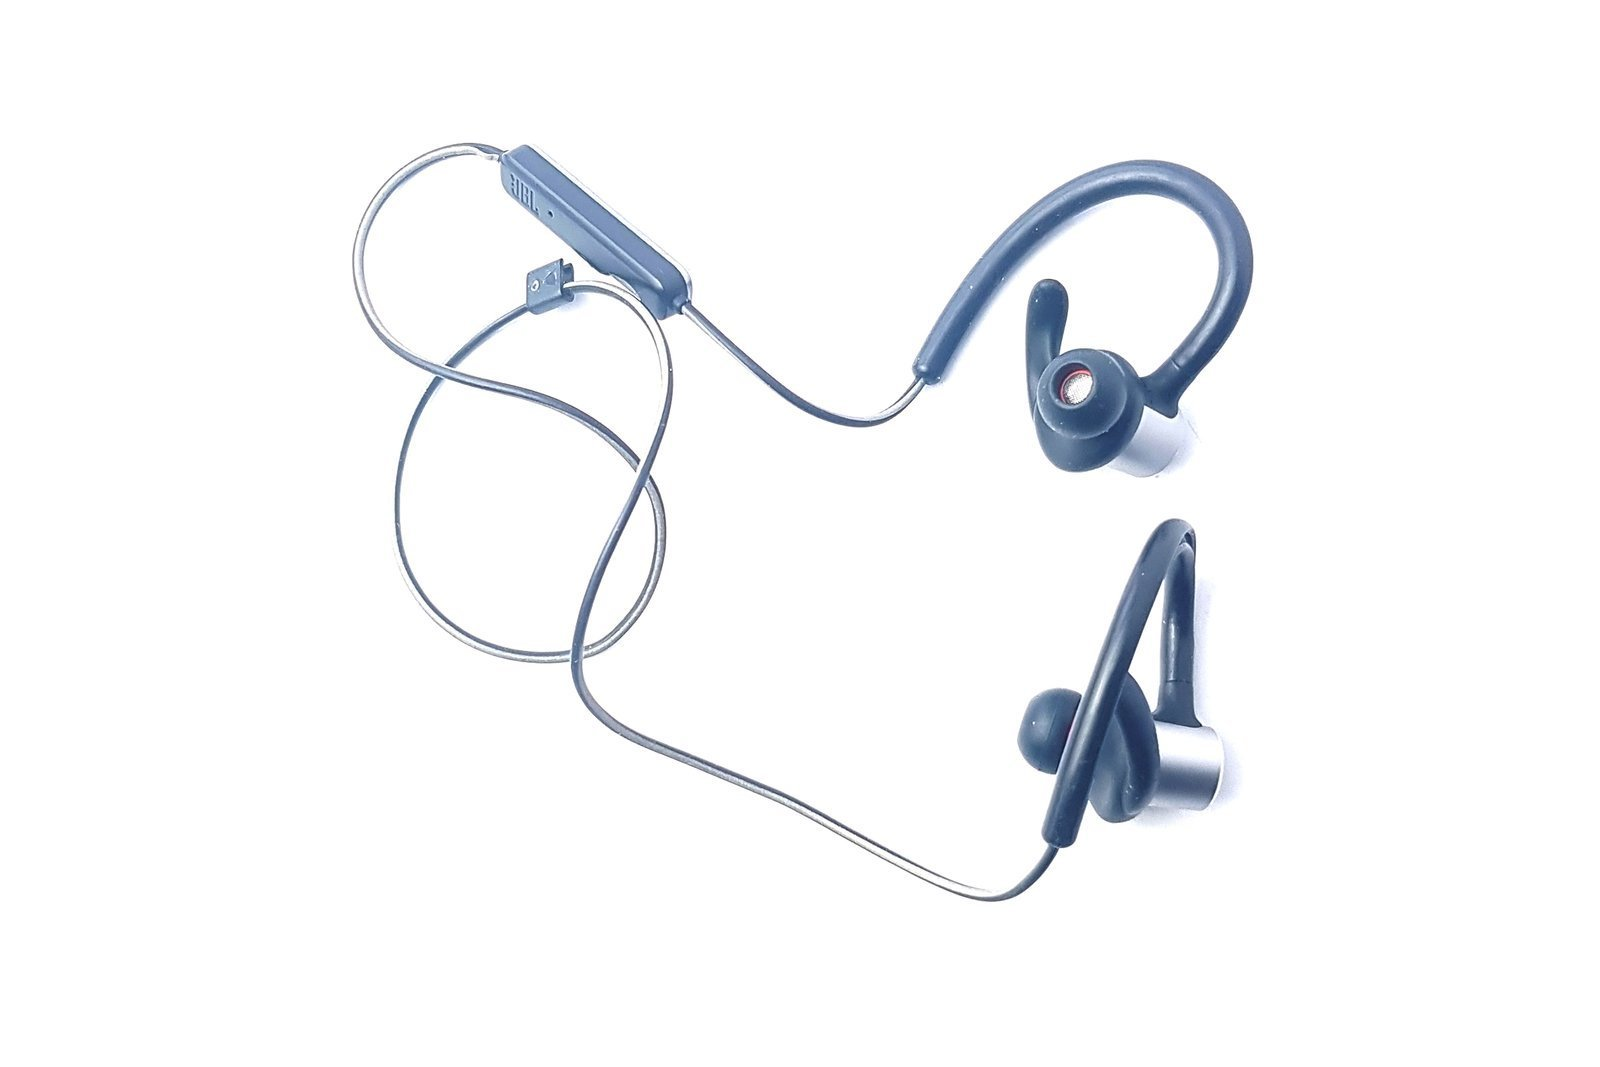 JBL Reflect Contour 2 Wireless In-Ear Headphones Black